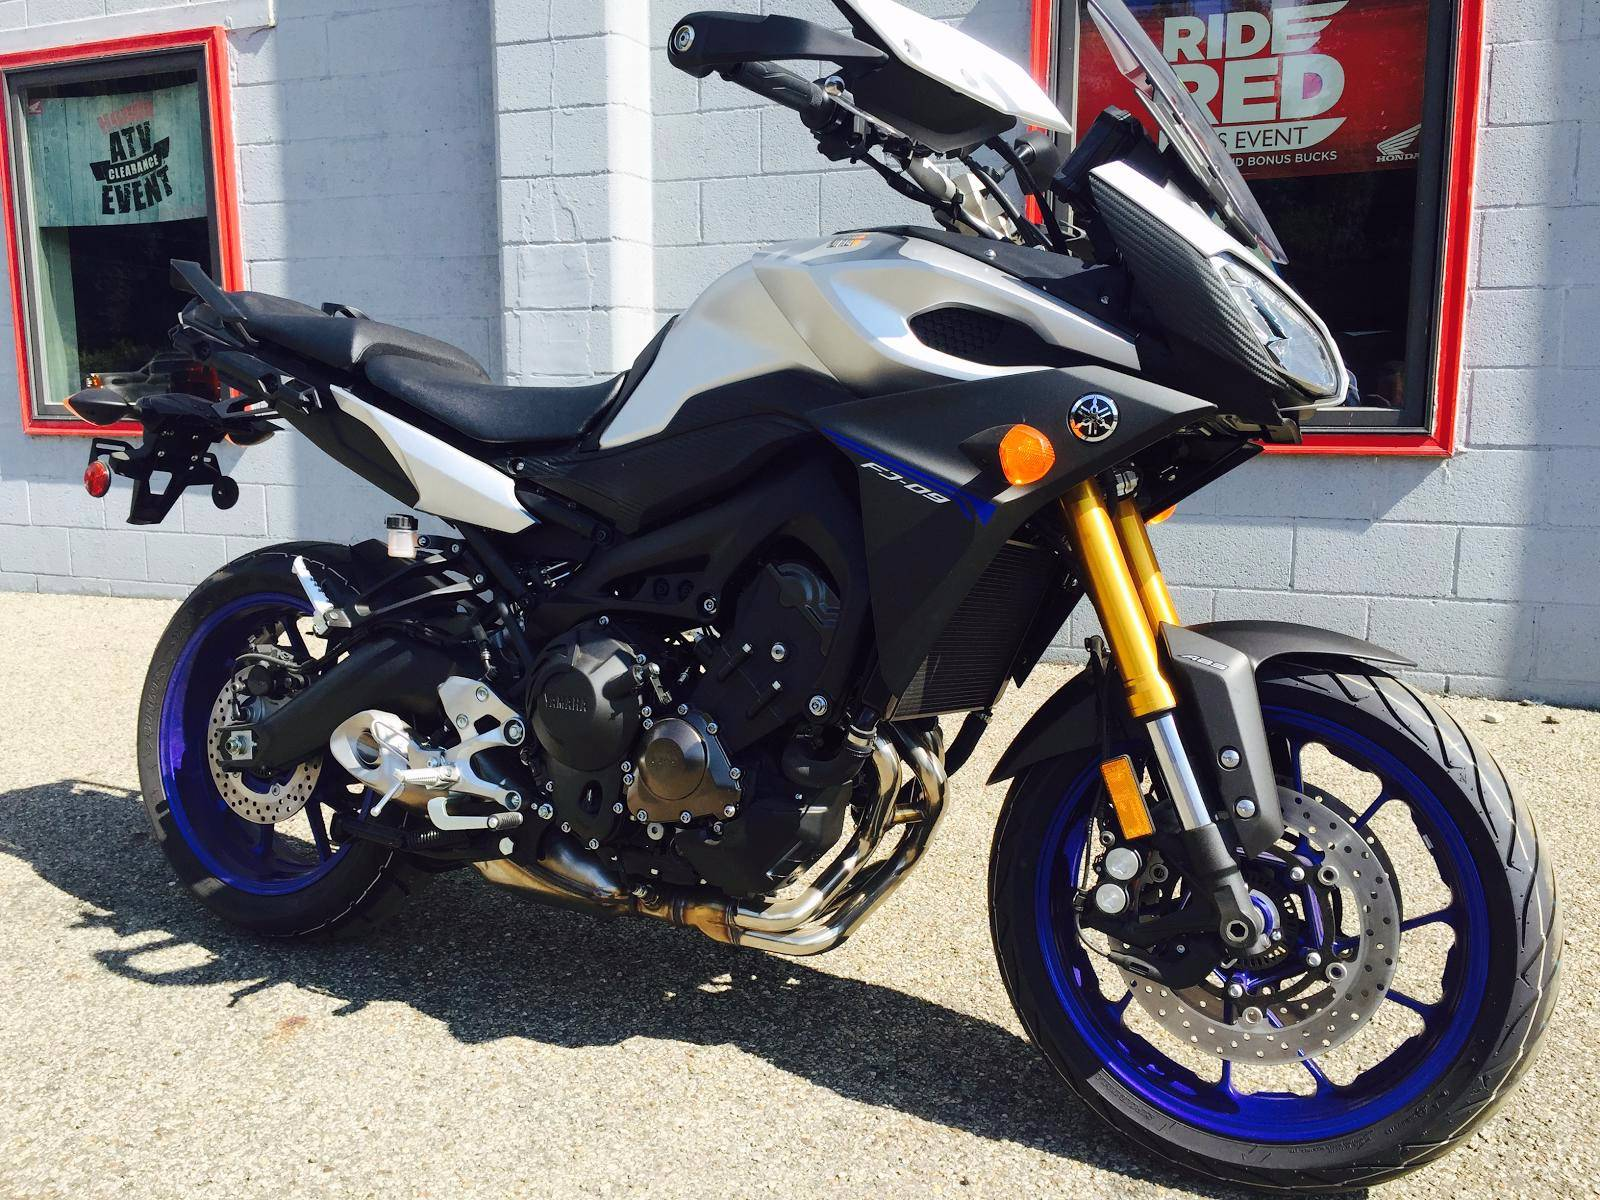 2016 Yamaha FJ-09 1